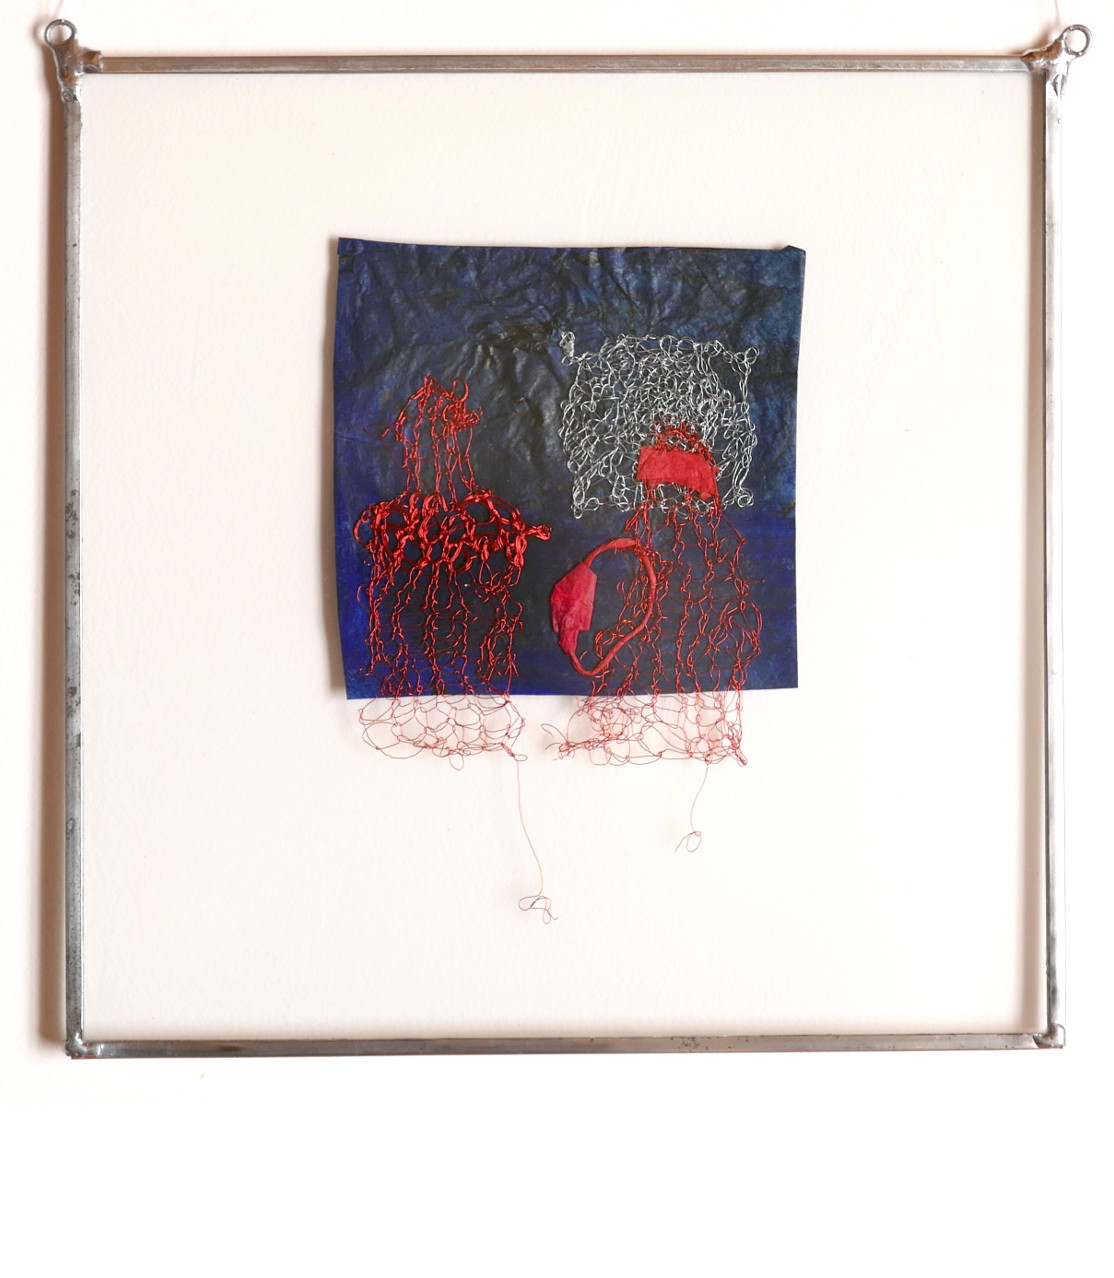 ARABESQUE - deux femmes voilées, 2016 Broderie d'acier et papier (25X25cm) - Inv. 00063 VENDU